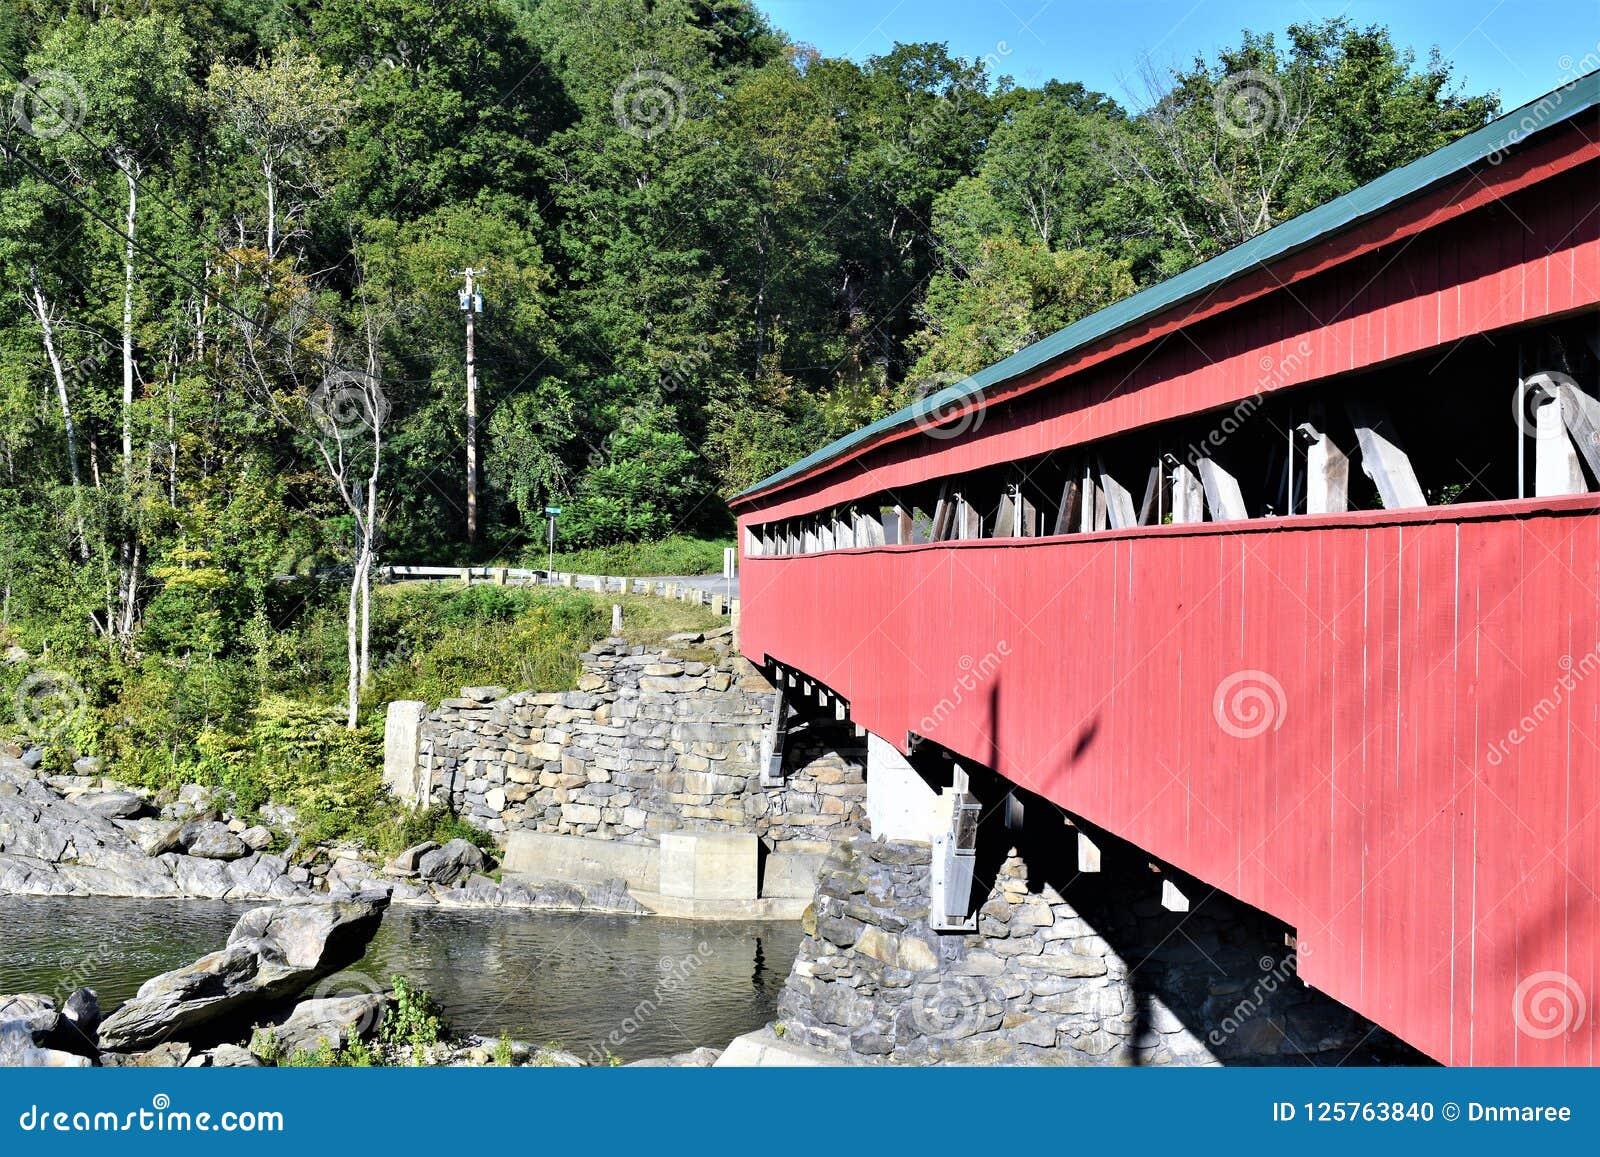 Πλευρά καλυμμένης της Taftsville γέφυρας στο χωριό Taftsville πόλη Woodstock, κομητεία Windsor, Βερμόντ, Ηνωμένες Πολιτείες